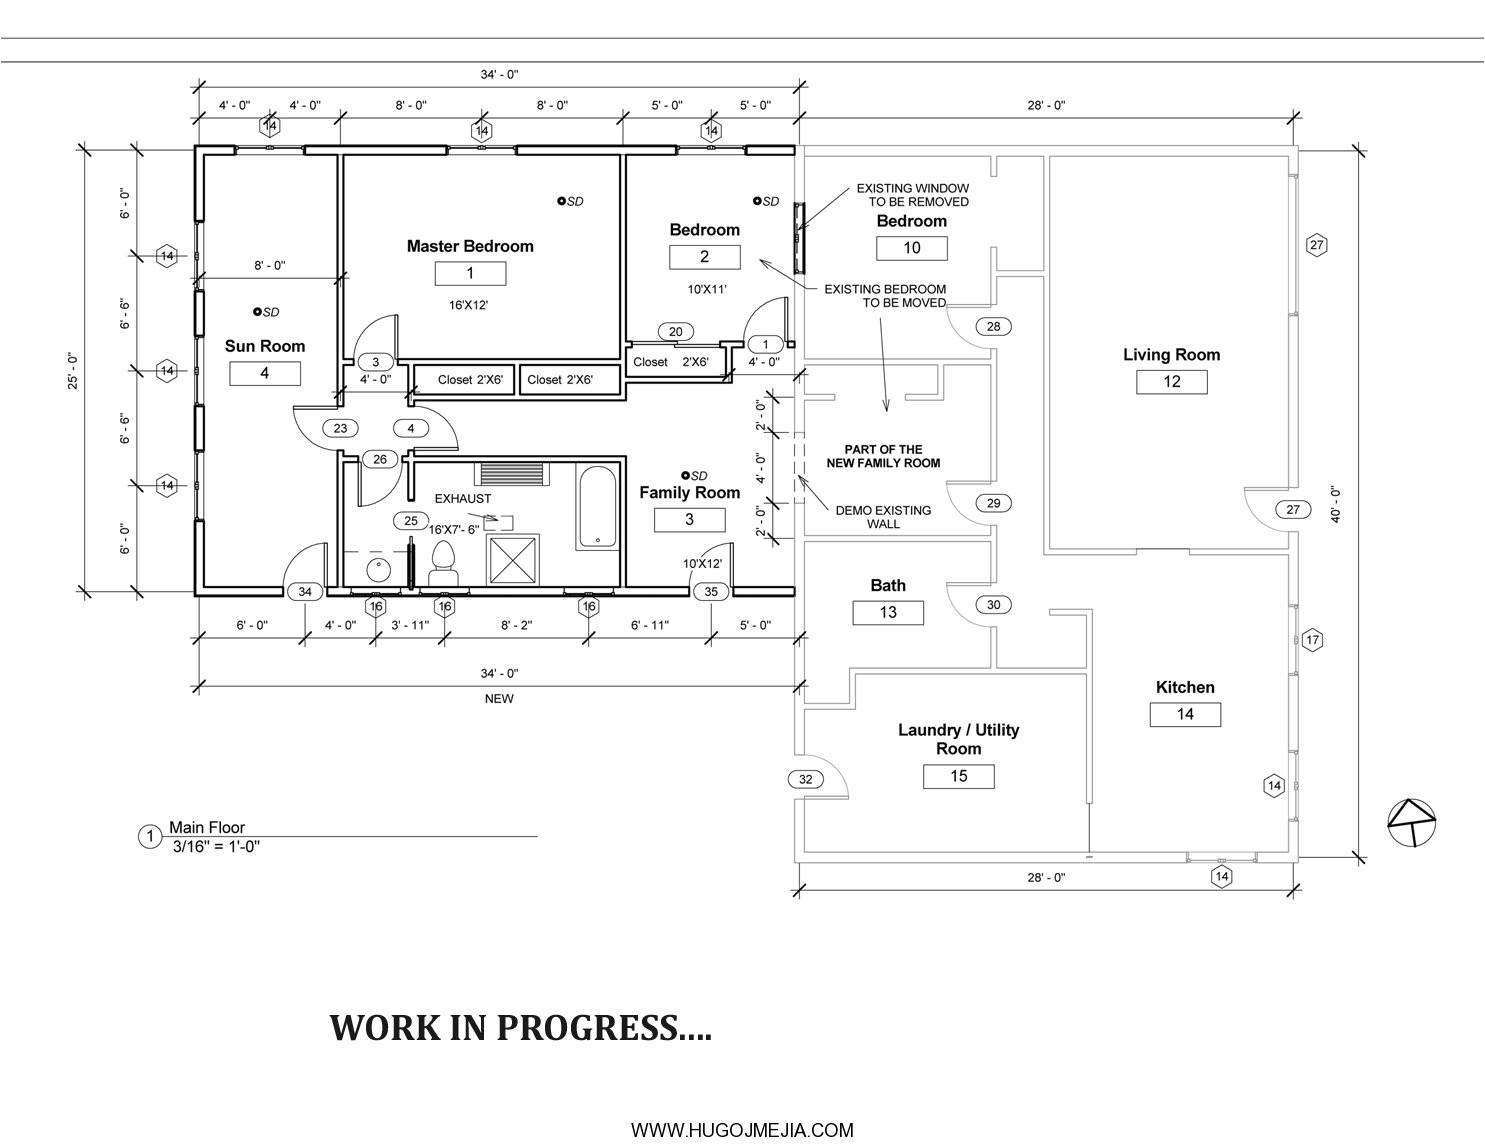 Modular Home Addition Plans Modular Home Modular Home Addition Plans